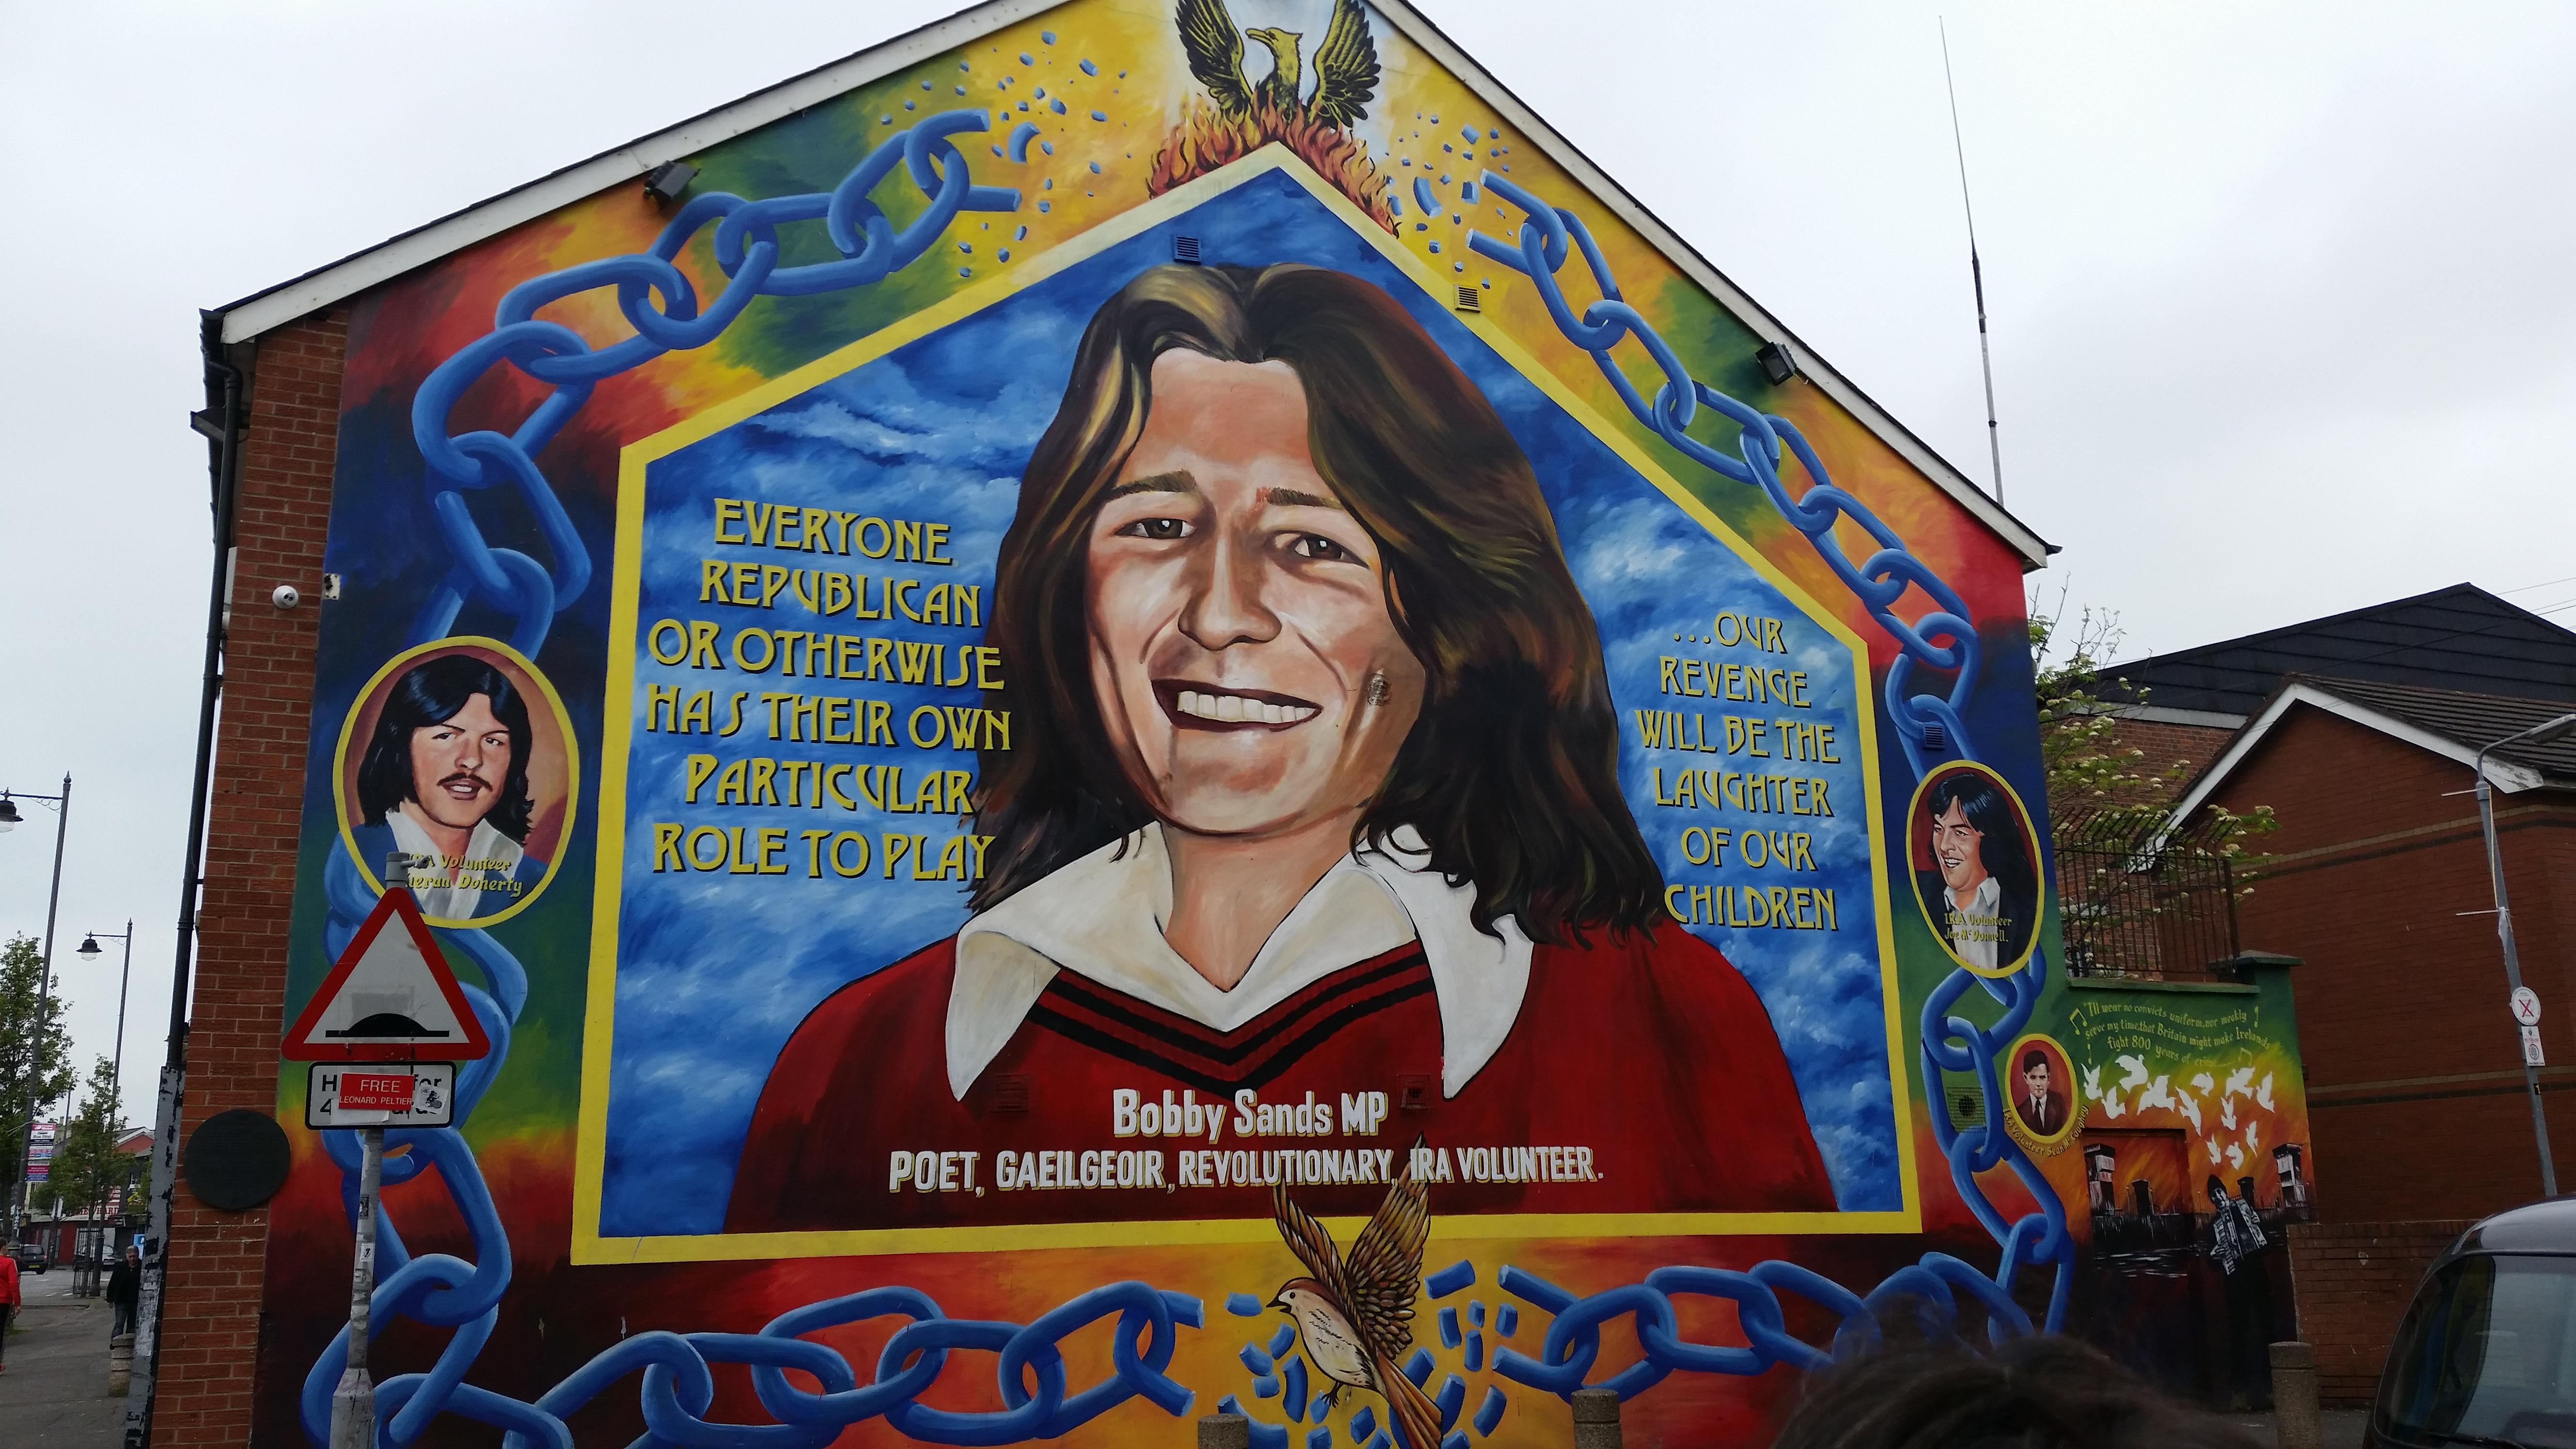 A Catholic/Republican Mural